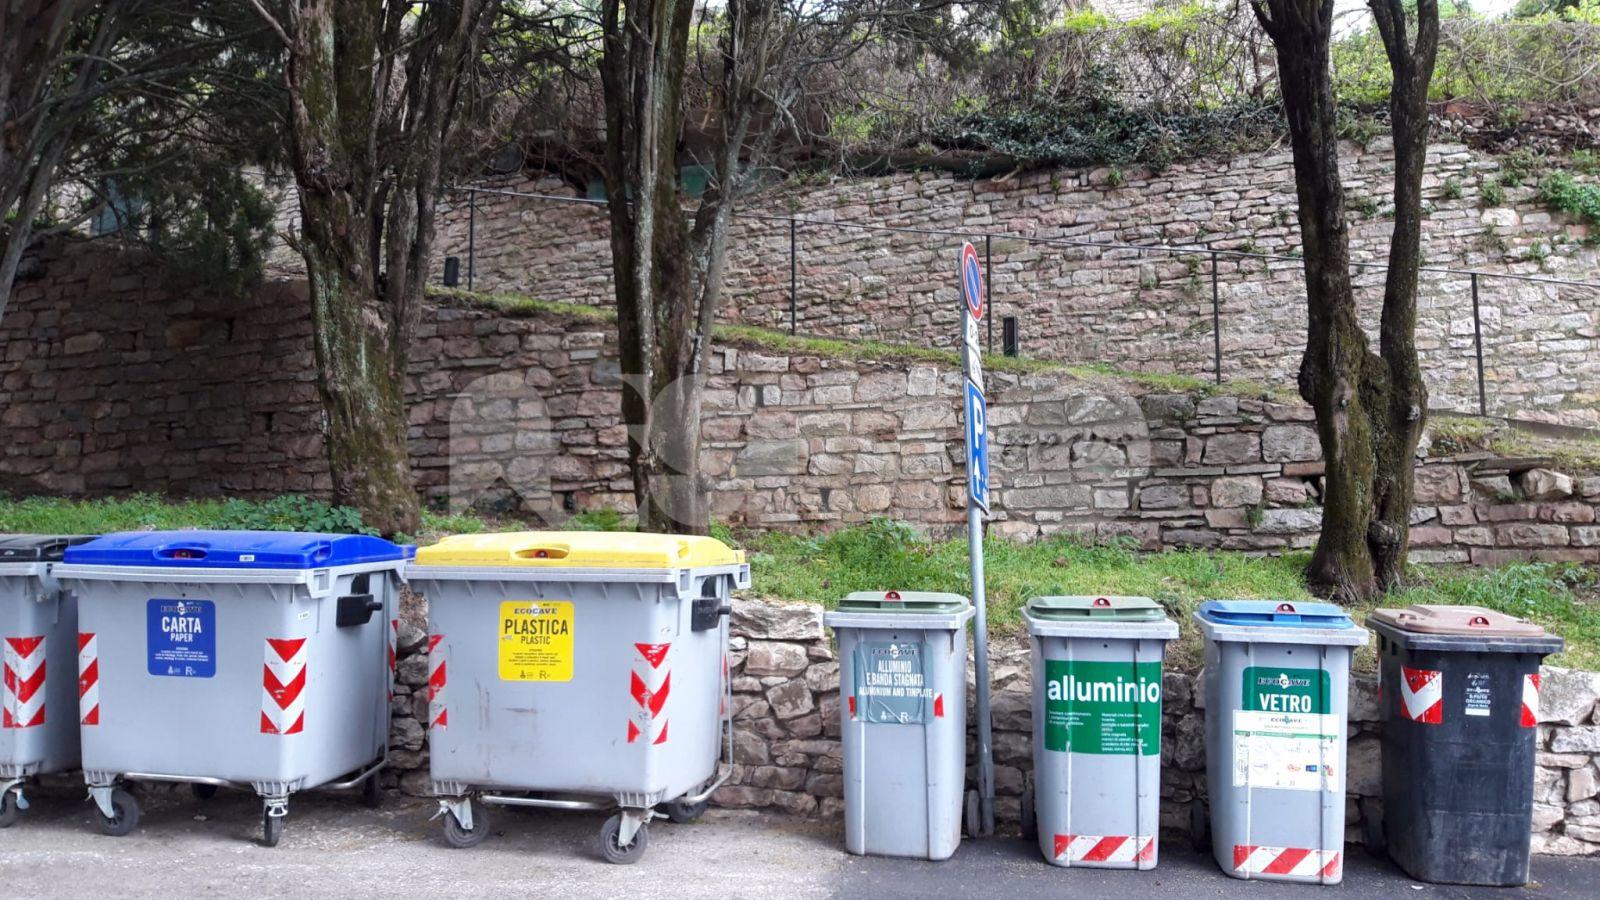 Servizi ambientali, sciopero nazionale il 30 giugno: a rischio la raccolta rifiuti anche ad Assisi